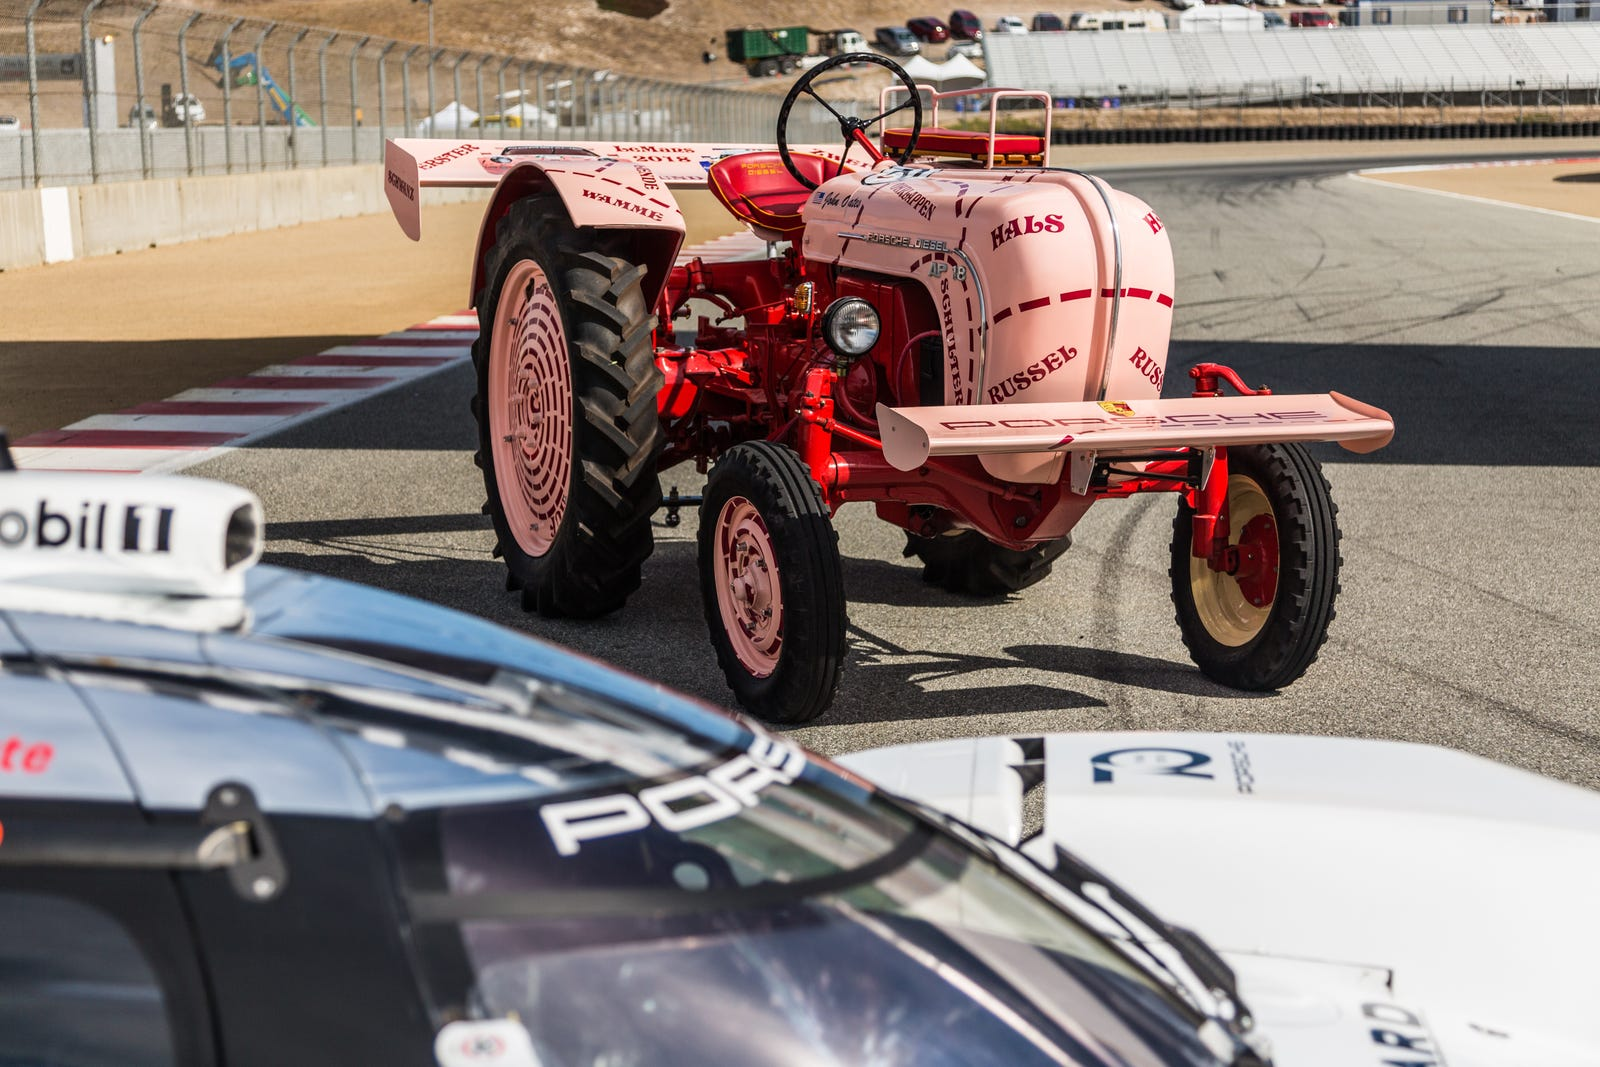 6ce439609c Ils bougent. Ils font du bruit. Ils sont ici pour partager toute  l'expérience de Porsche avec le monde, quel qu'il soit.